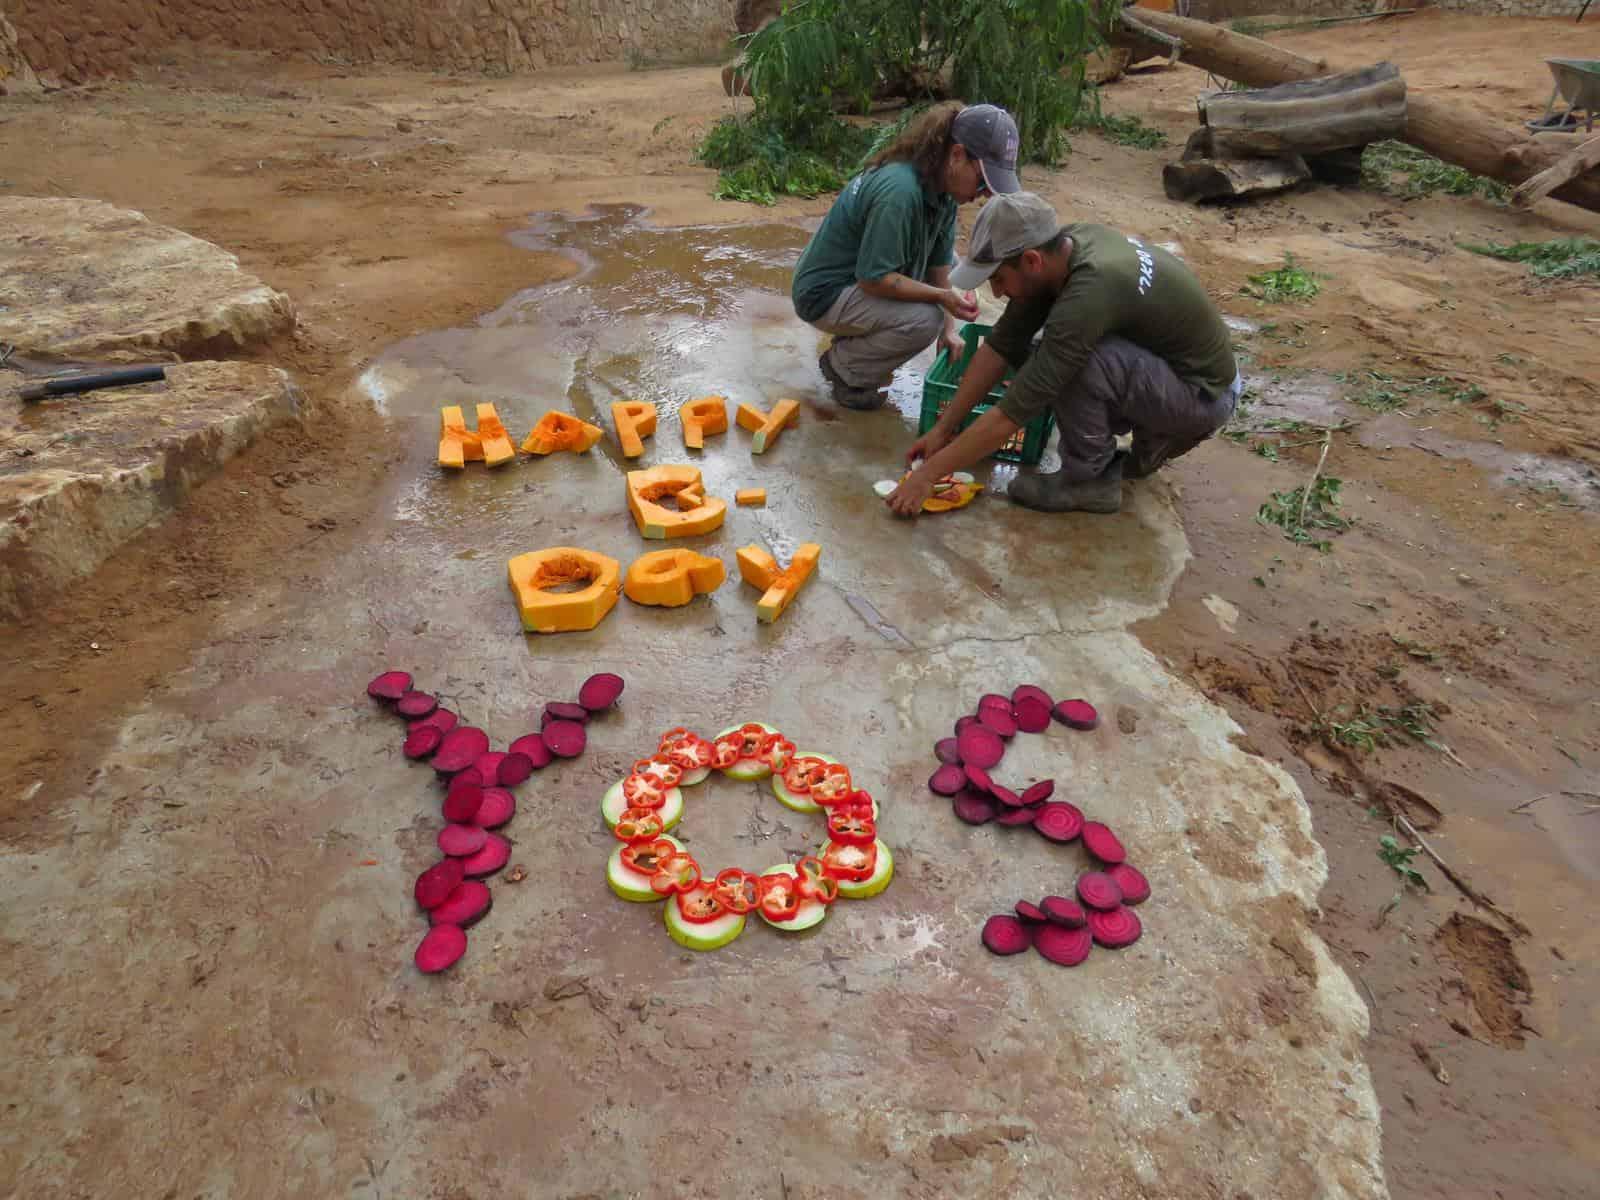 יום הולדת ליוסי הפיל ספארי רמת גן. צילום נועה טולדנו